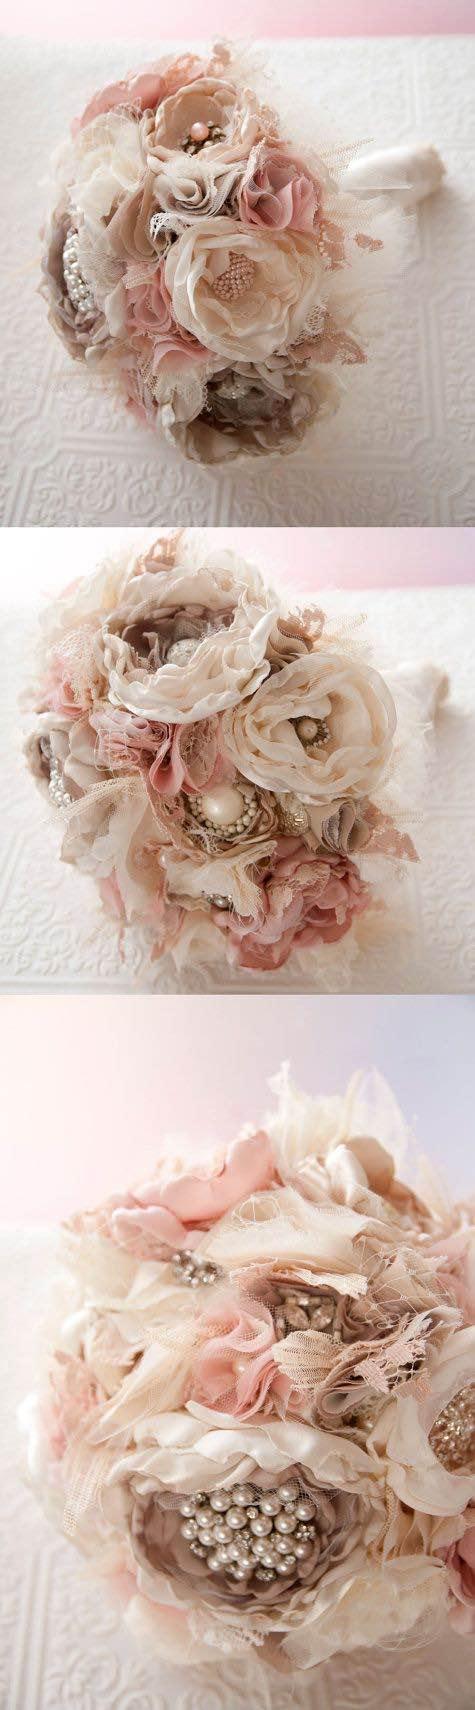 Flores de telas con perlas y brillantes en tonos de blush y beiges via Etsy.